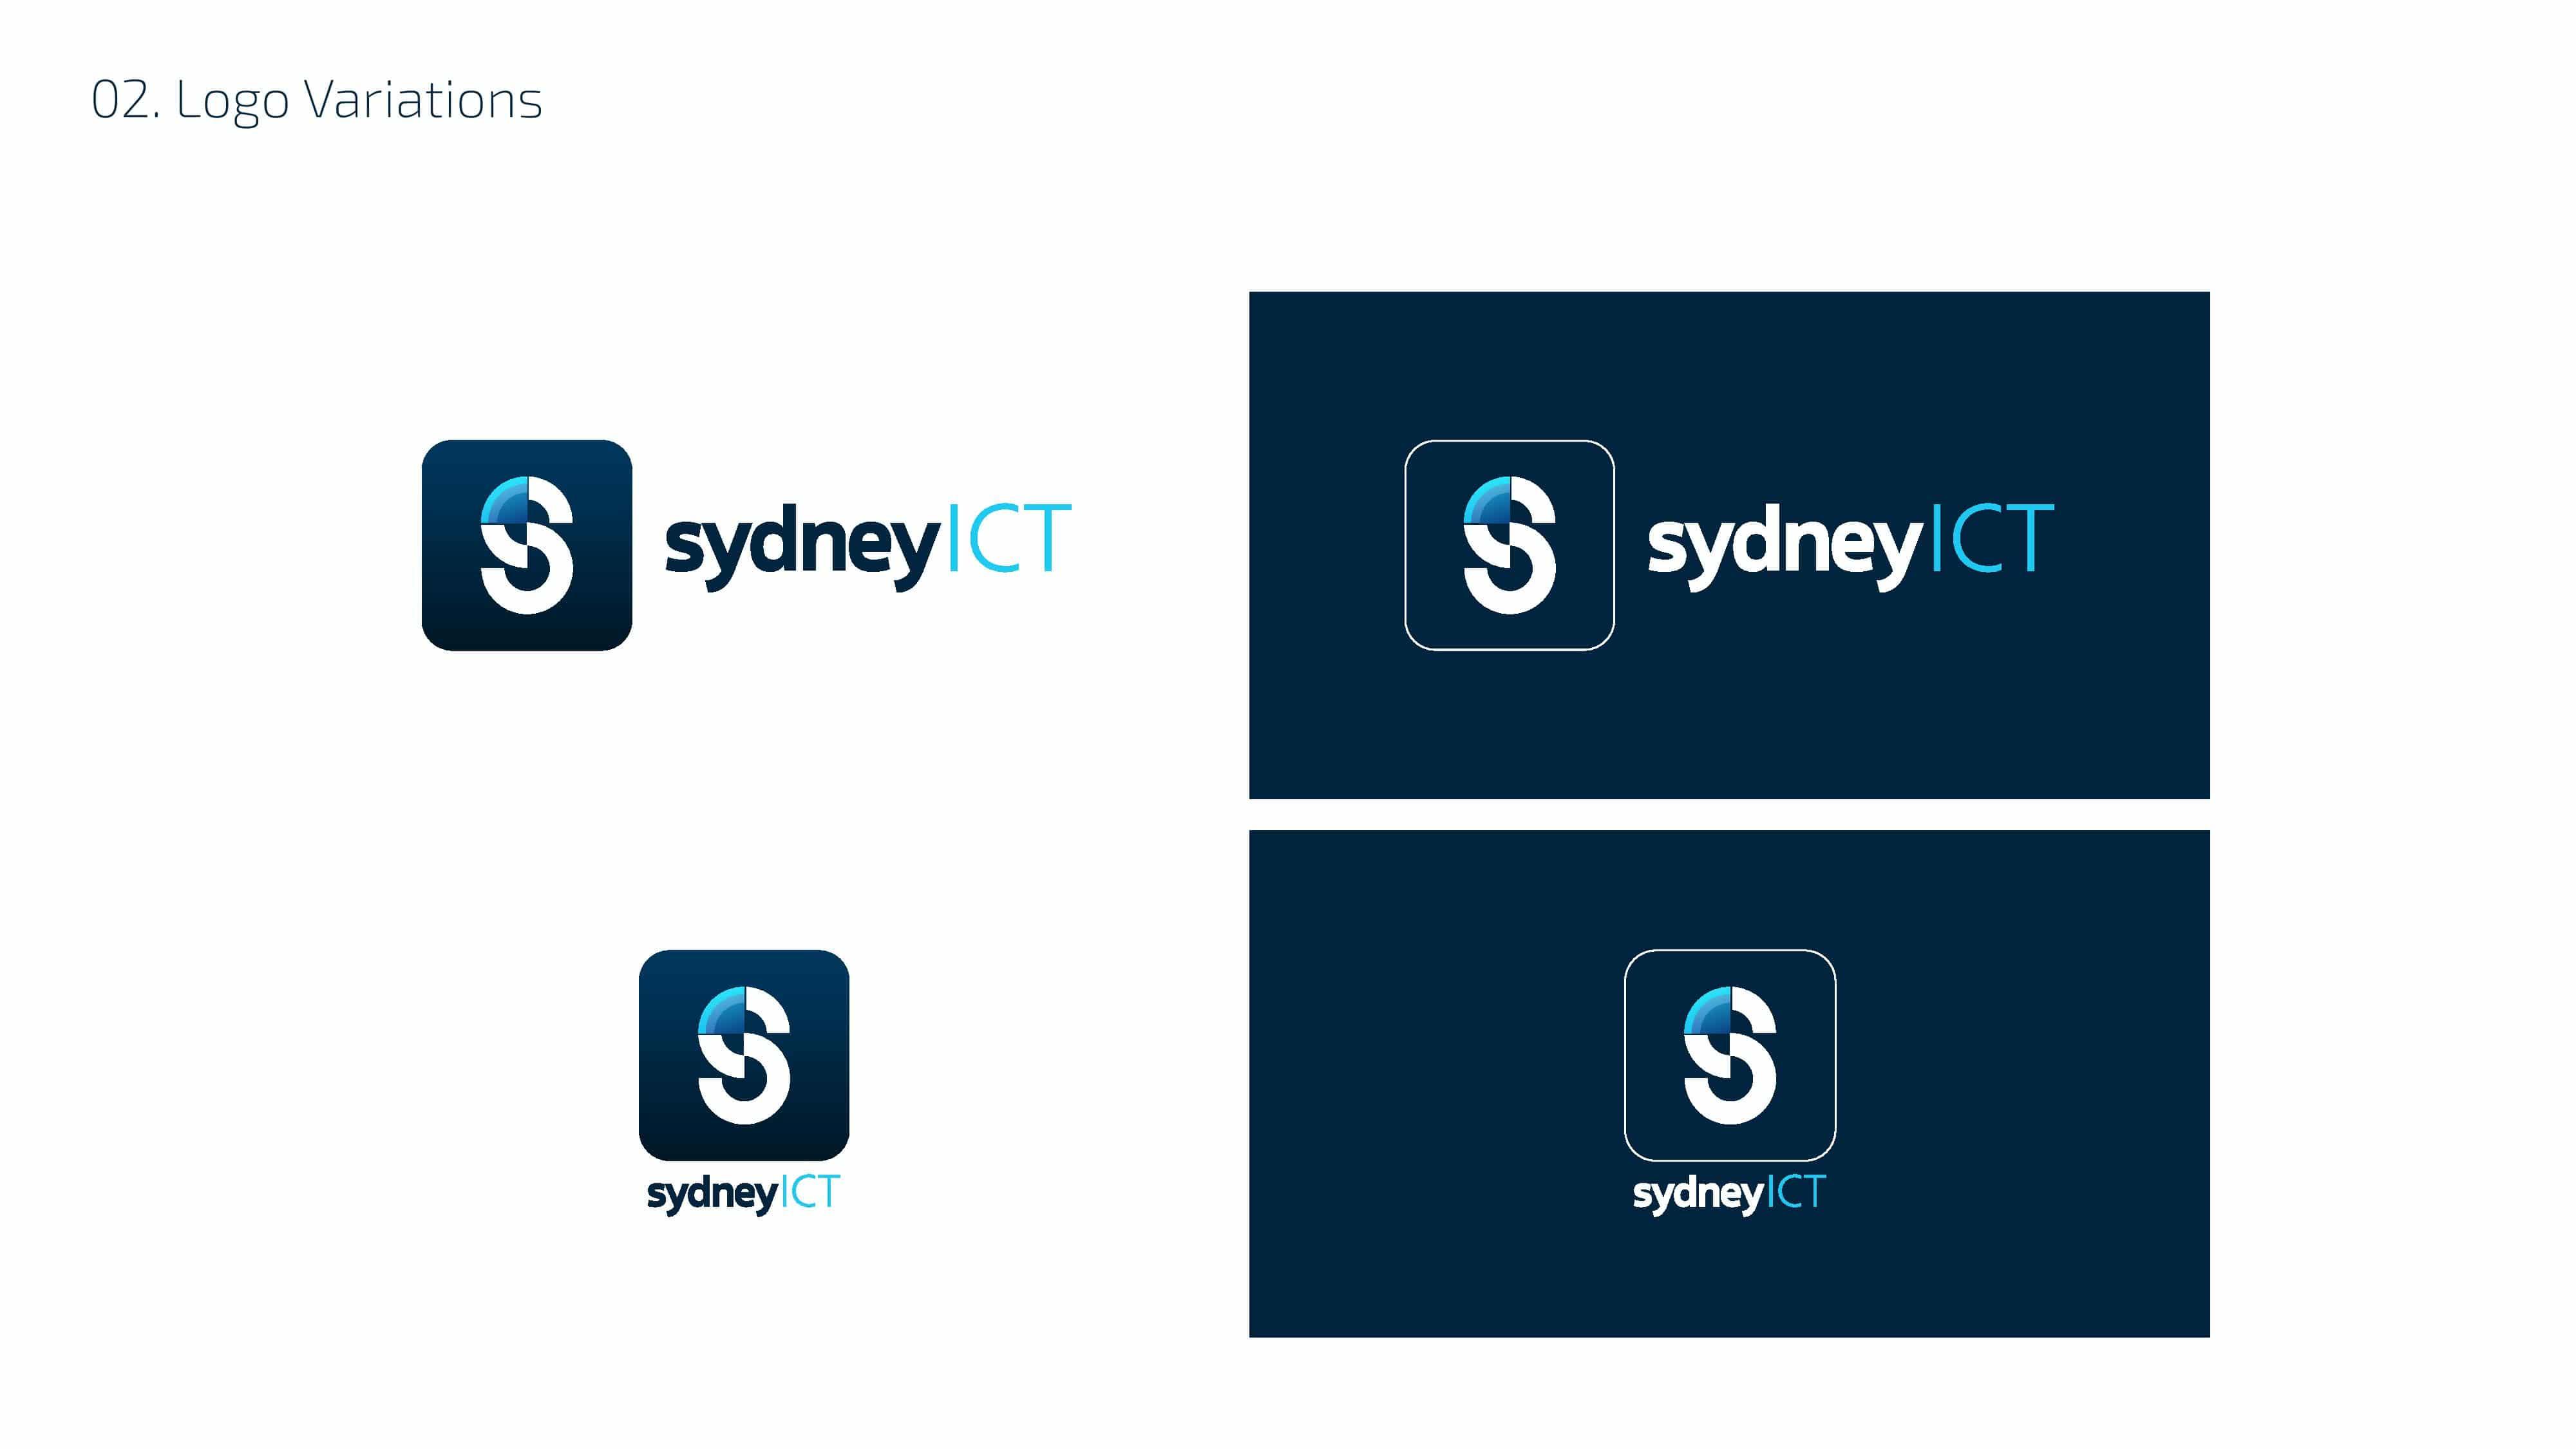 Sydney ICT Brand Guideline Examples 3